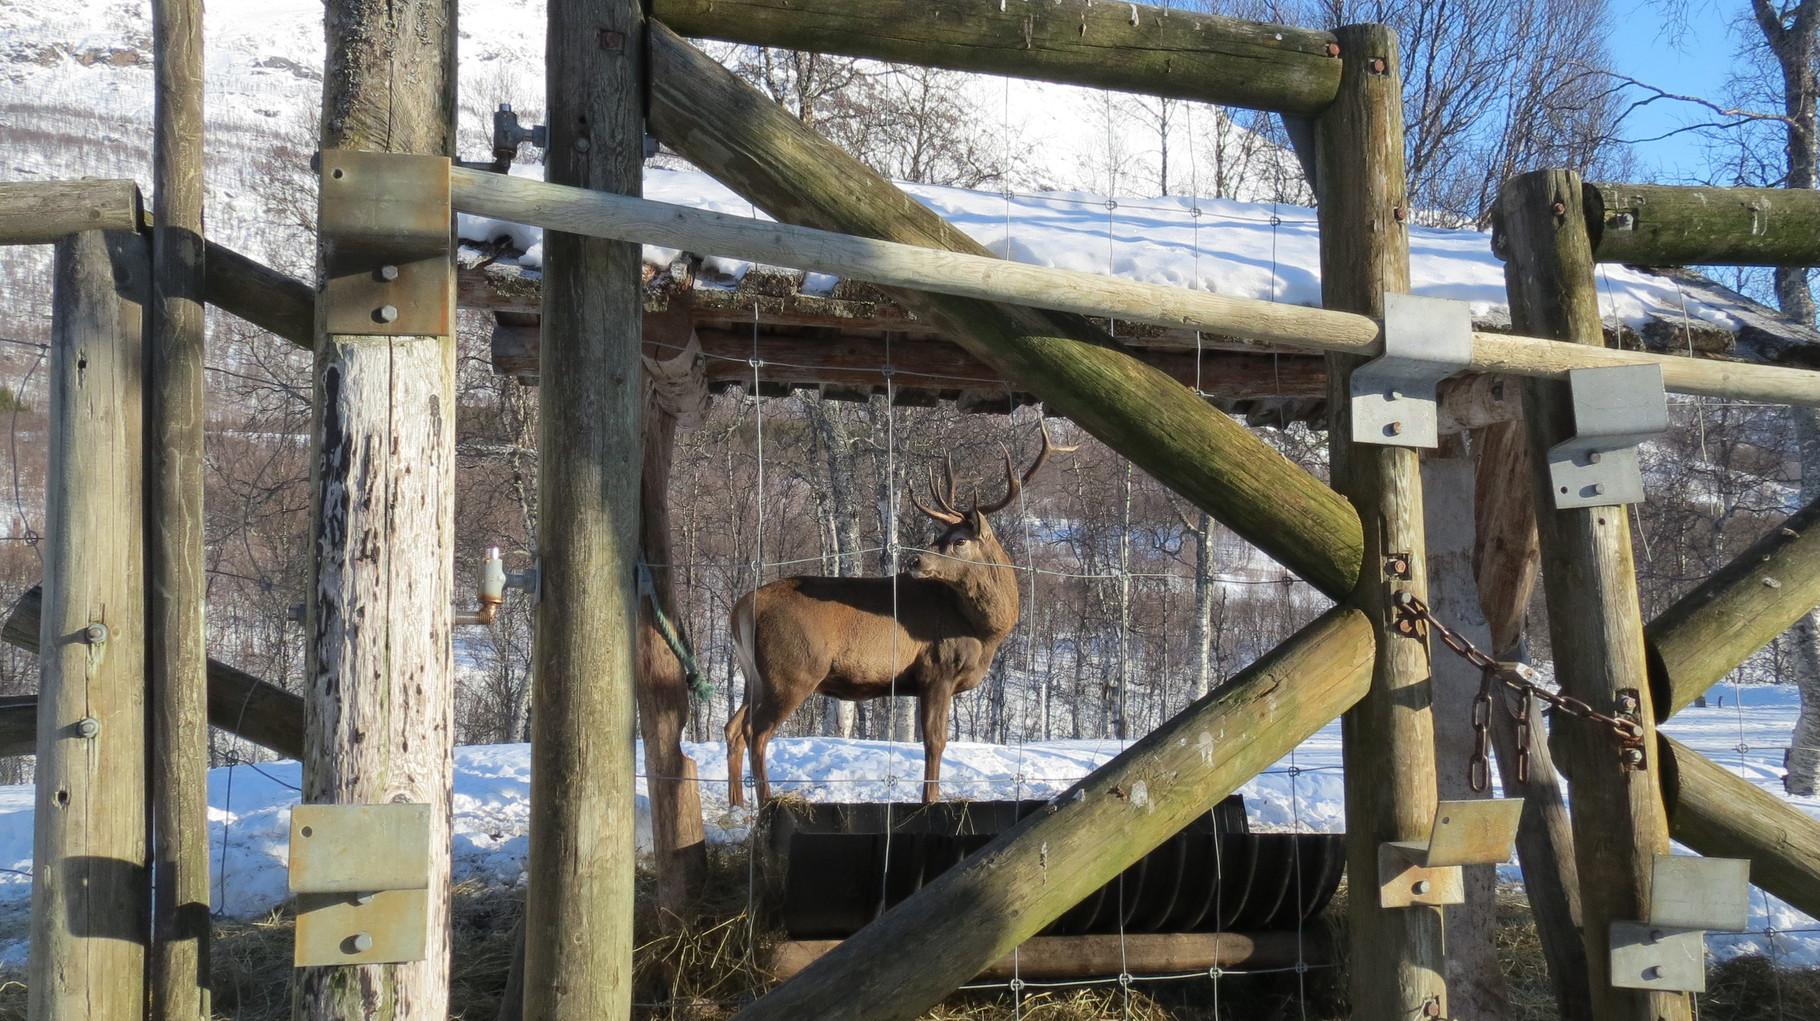 Der kapitale Hirsch war mächtig in Frühjahrs-Rauflaune, deshalb konnten wir nicht näher ran ...